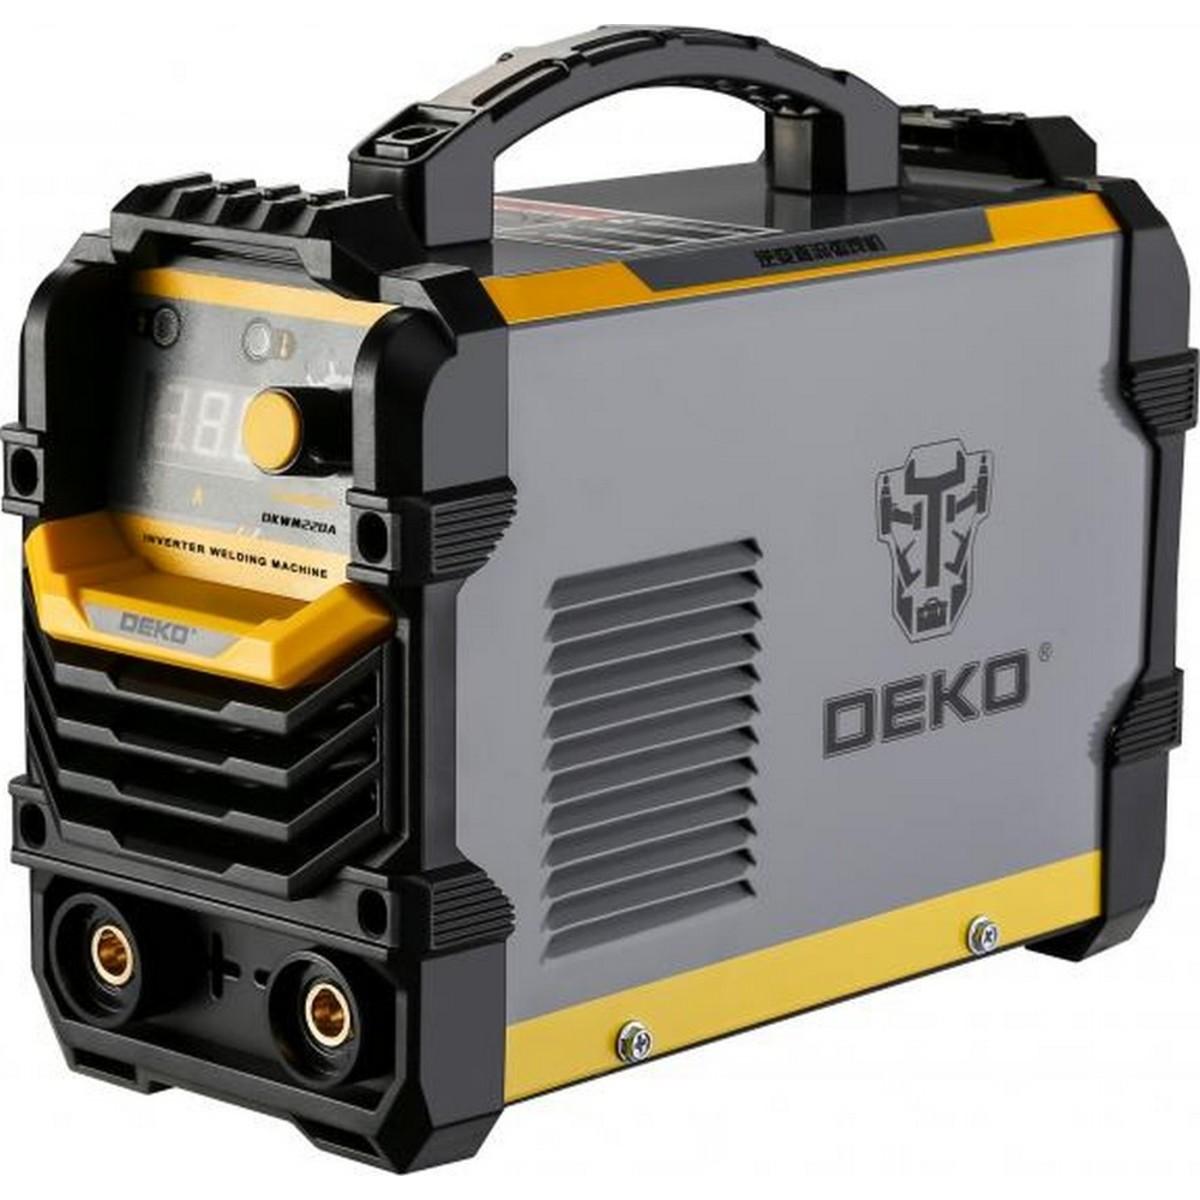 Дуговой сварочный инвертор DEKO DKWM220A 220 А до 5 мм в кейсе 051-4673